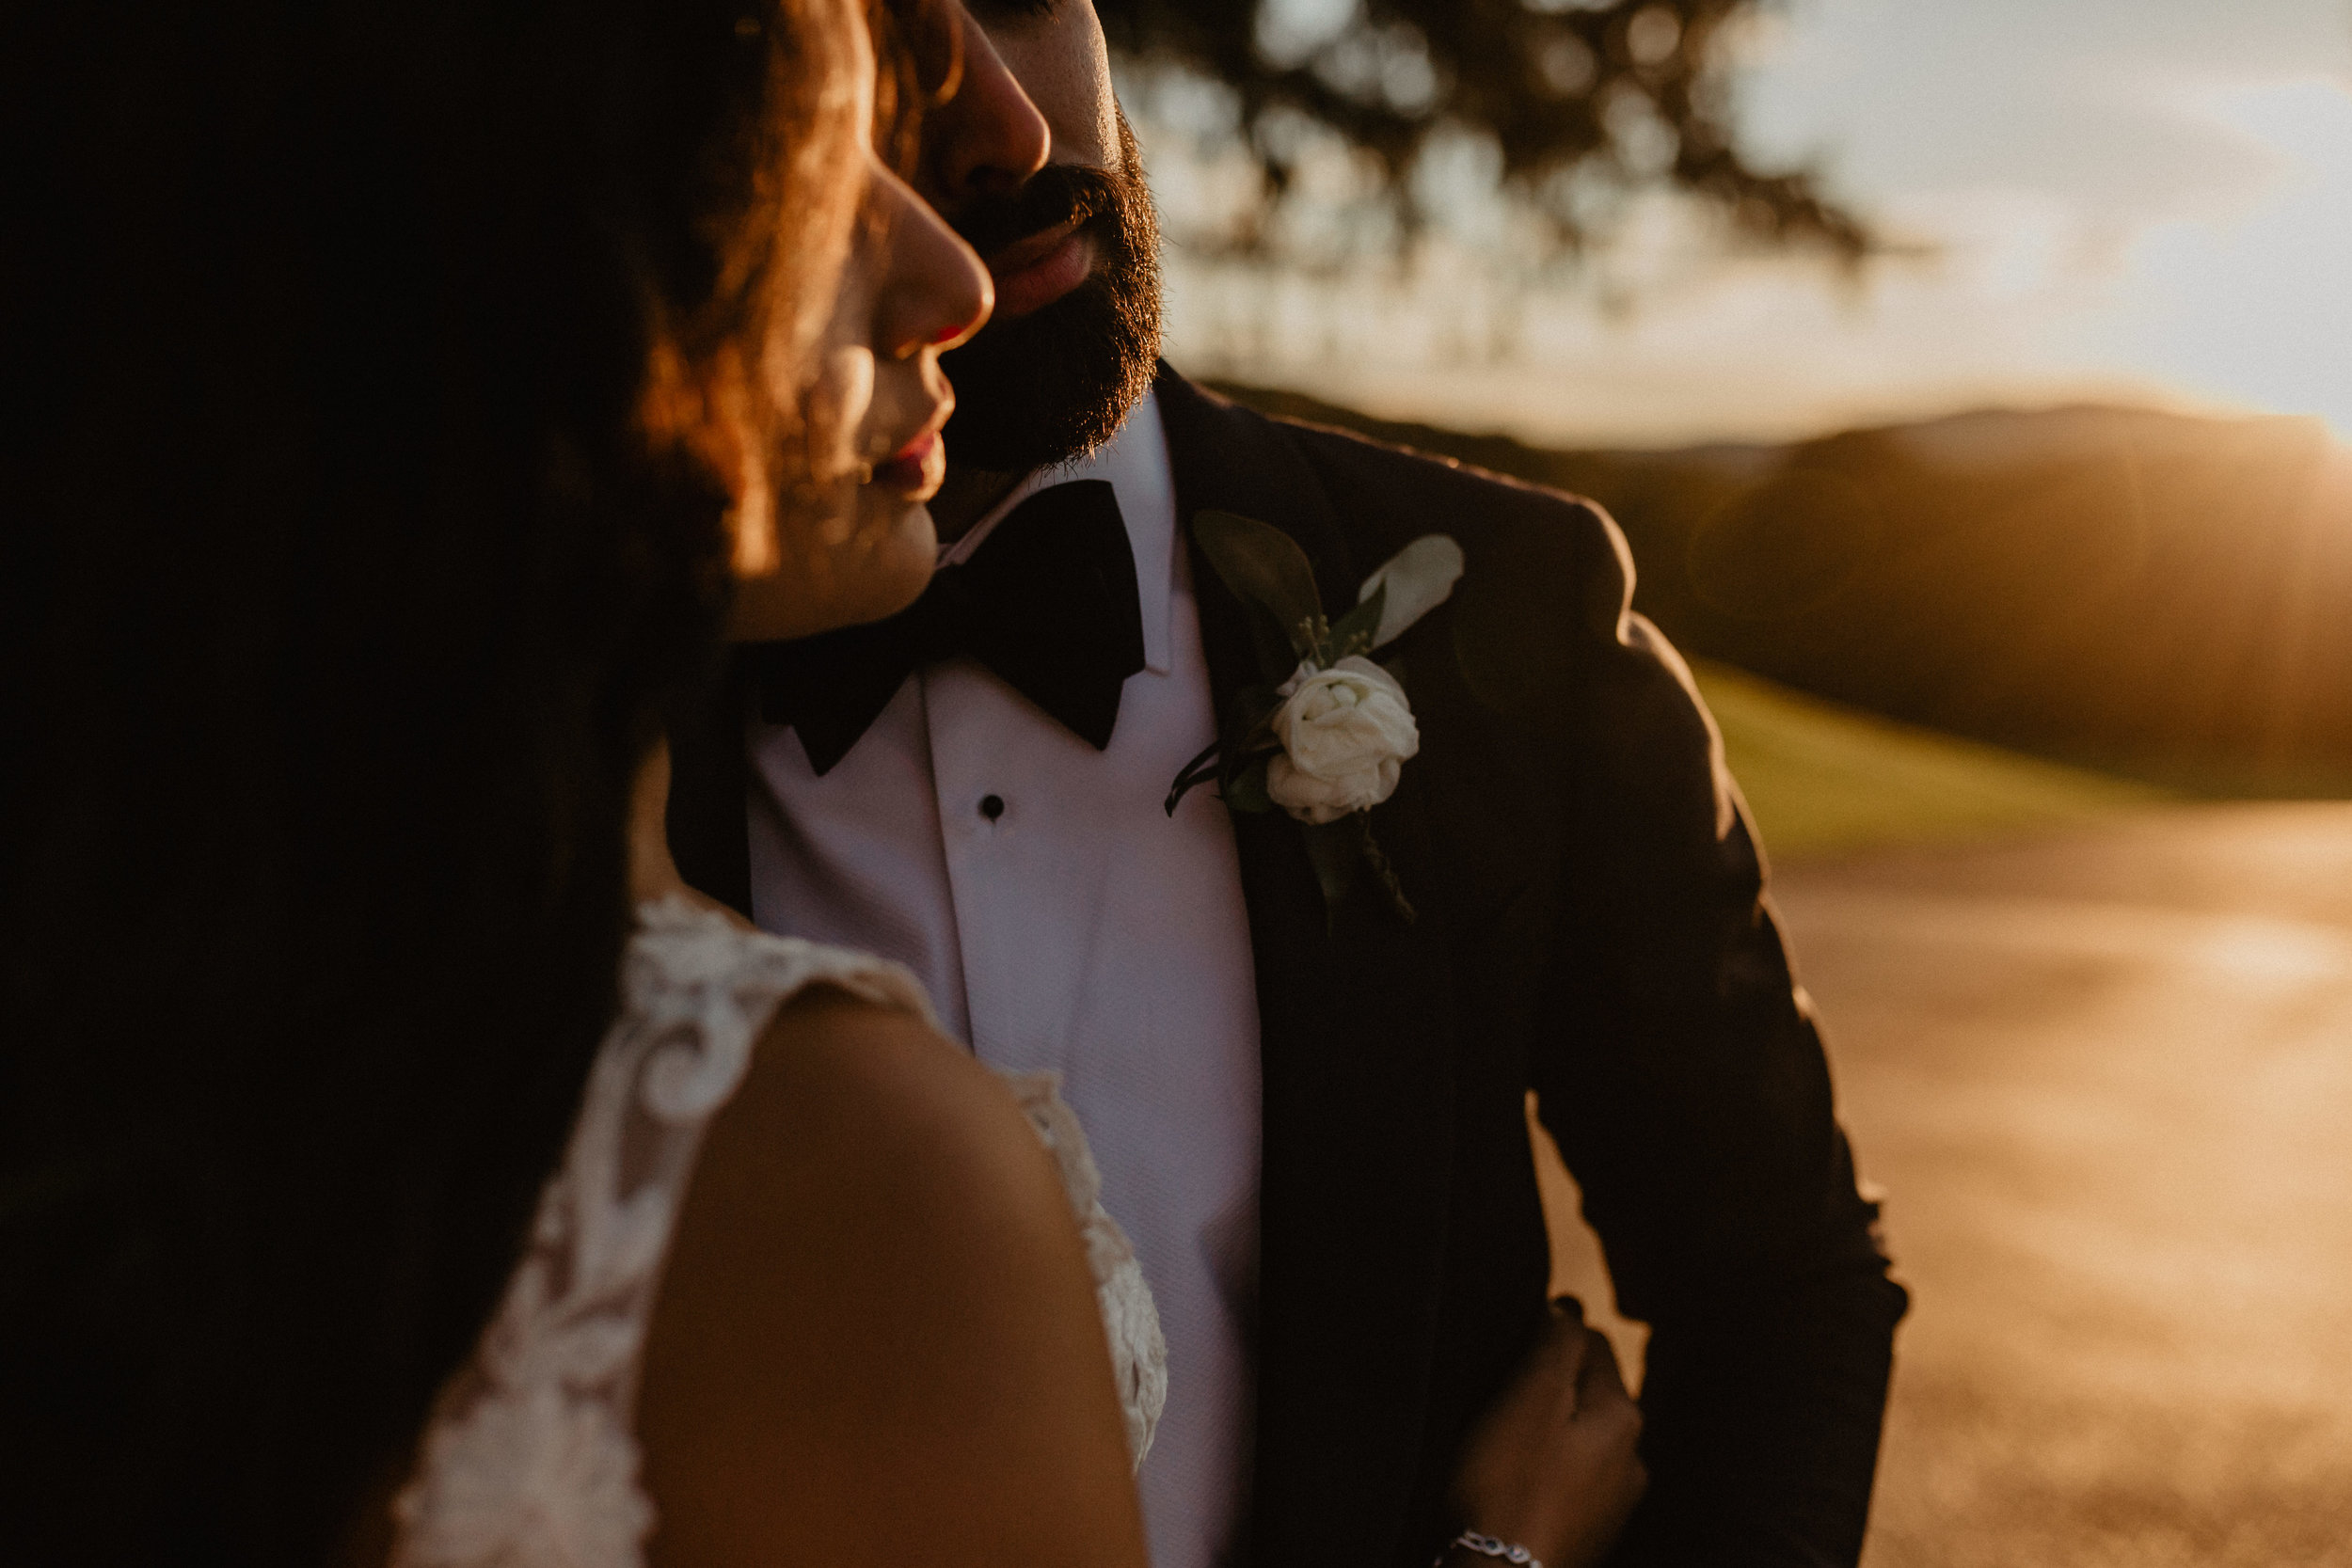 garrison_wedding_photos_068.jpg